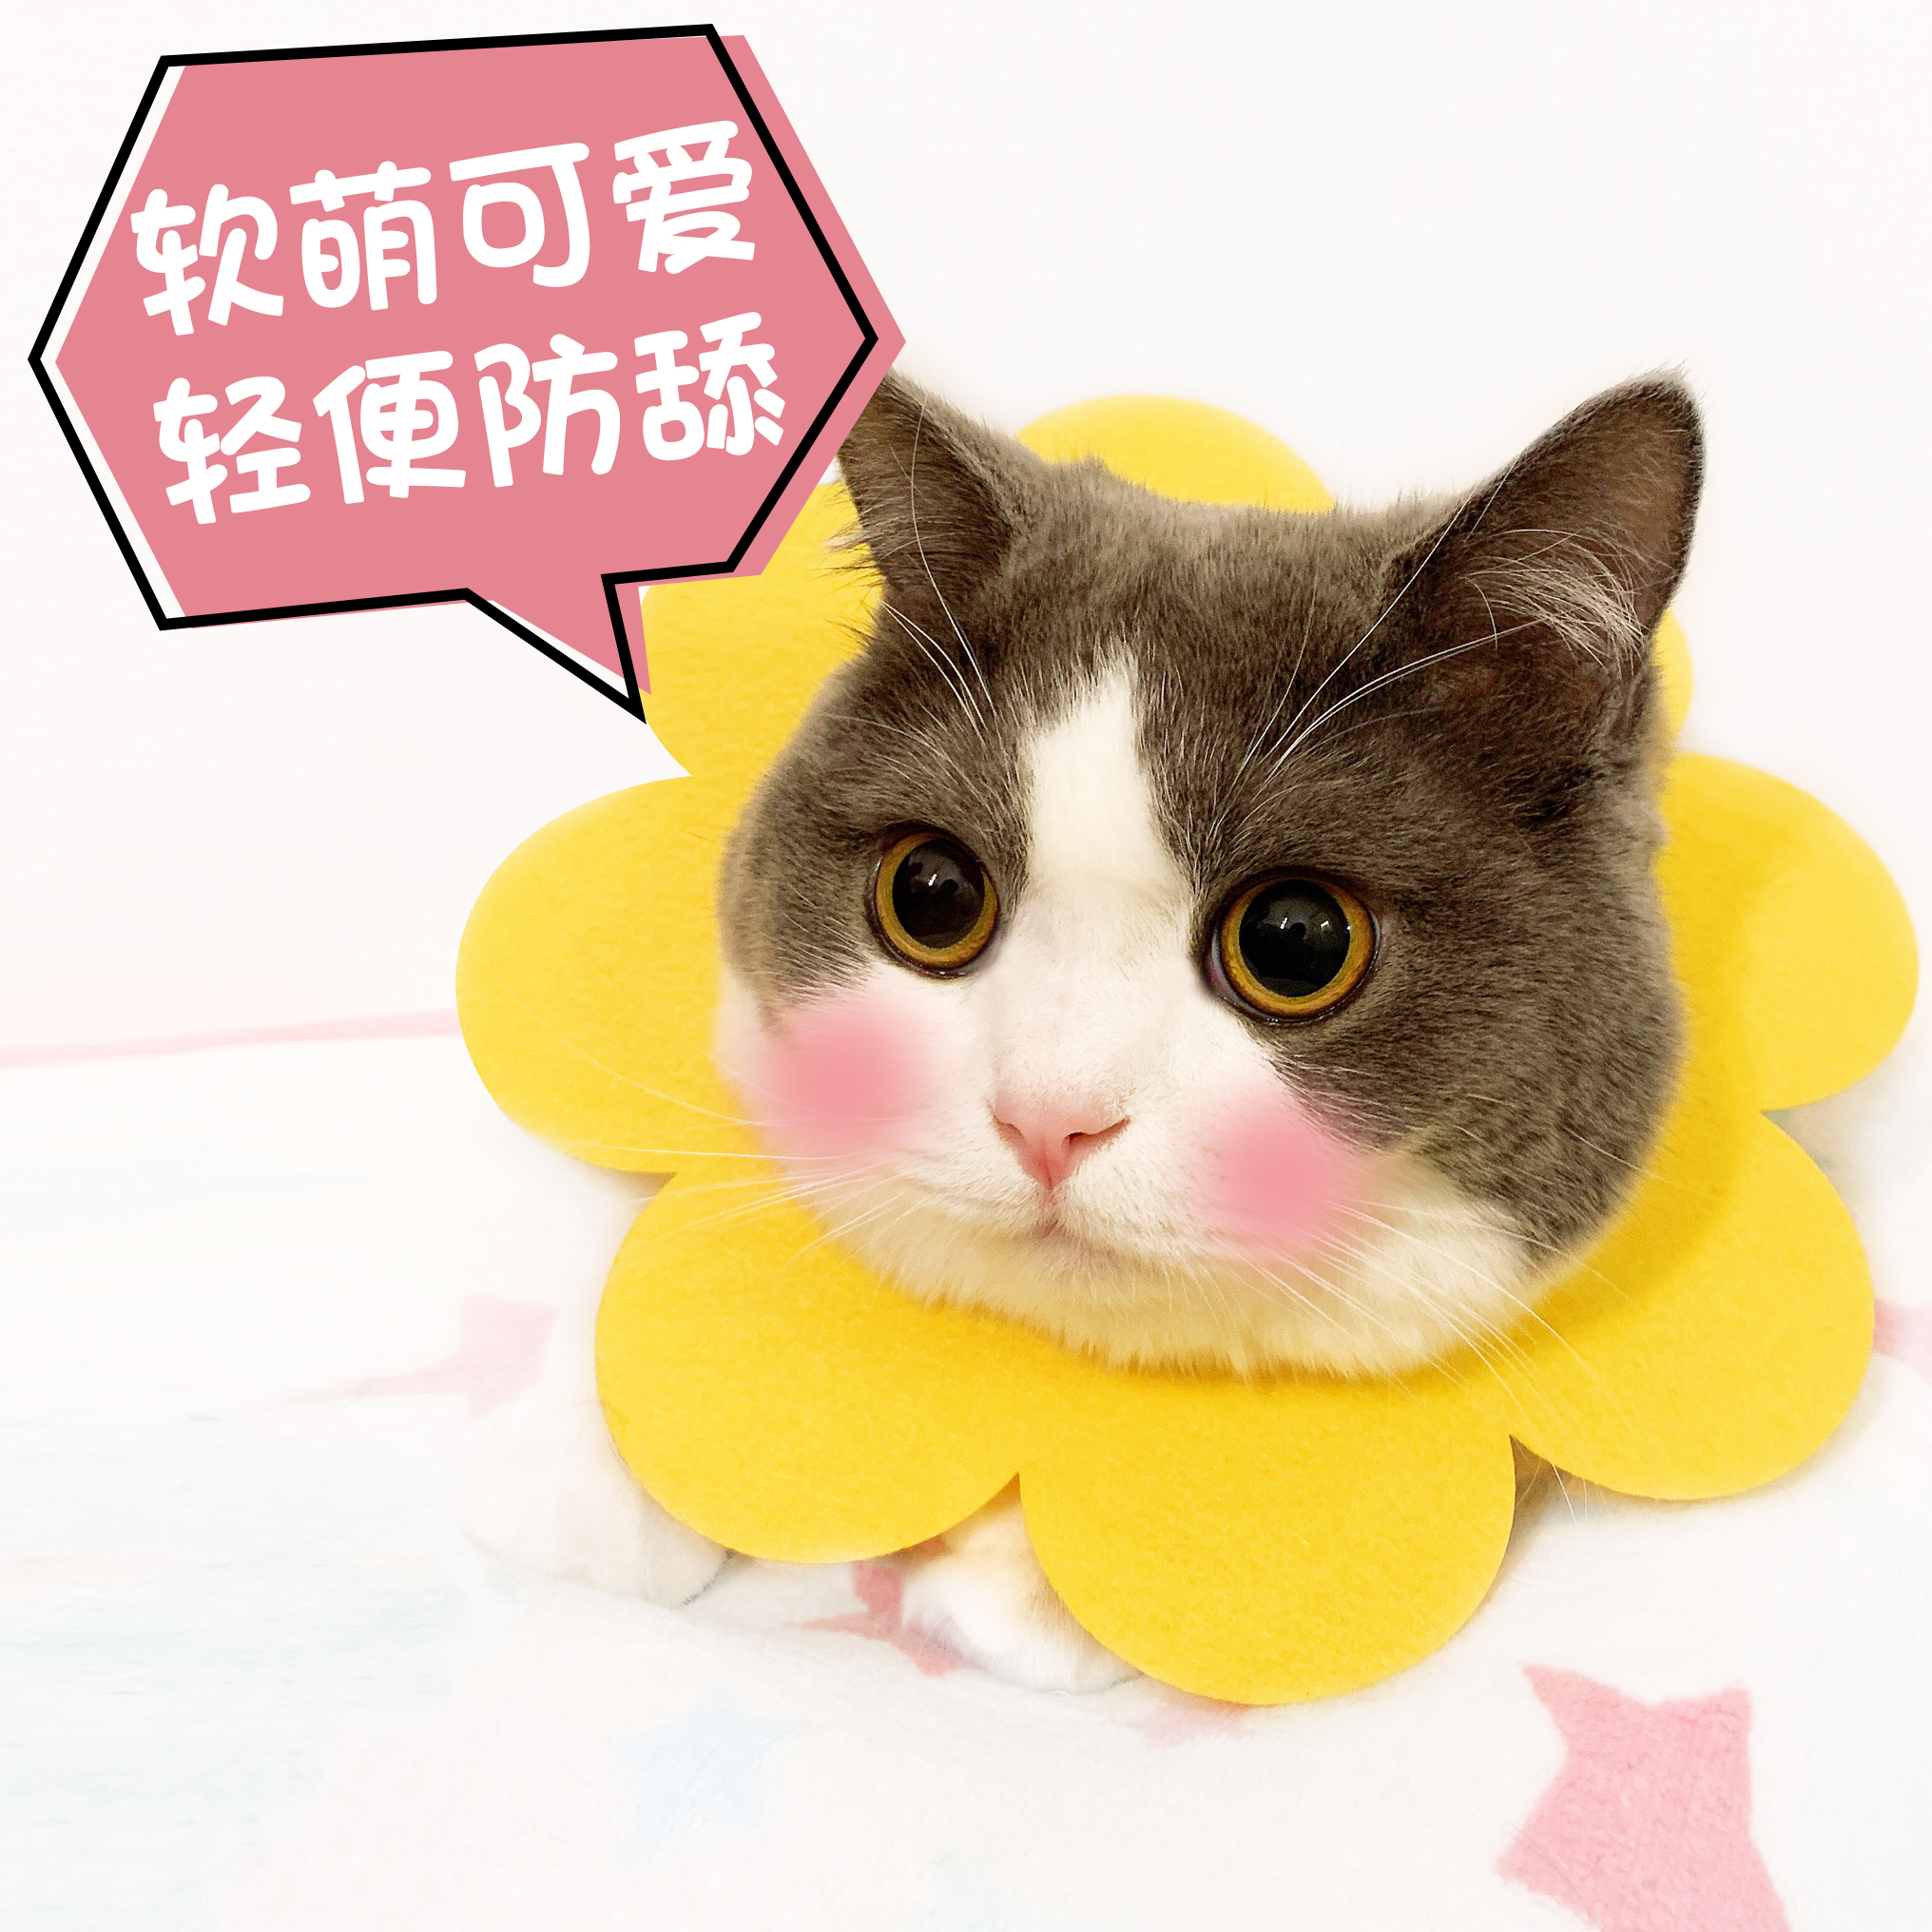 猫咪伊丽莎白太阳花项圈轻软口水巾头套猫用品脖圈宠物防舔耻辱圈